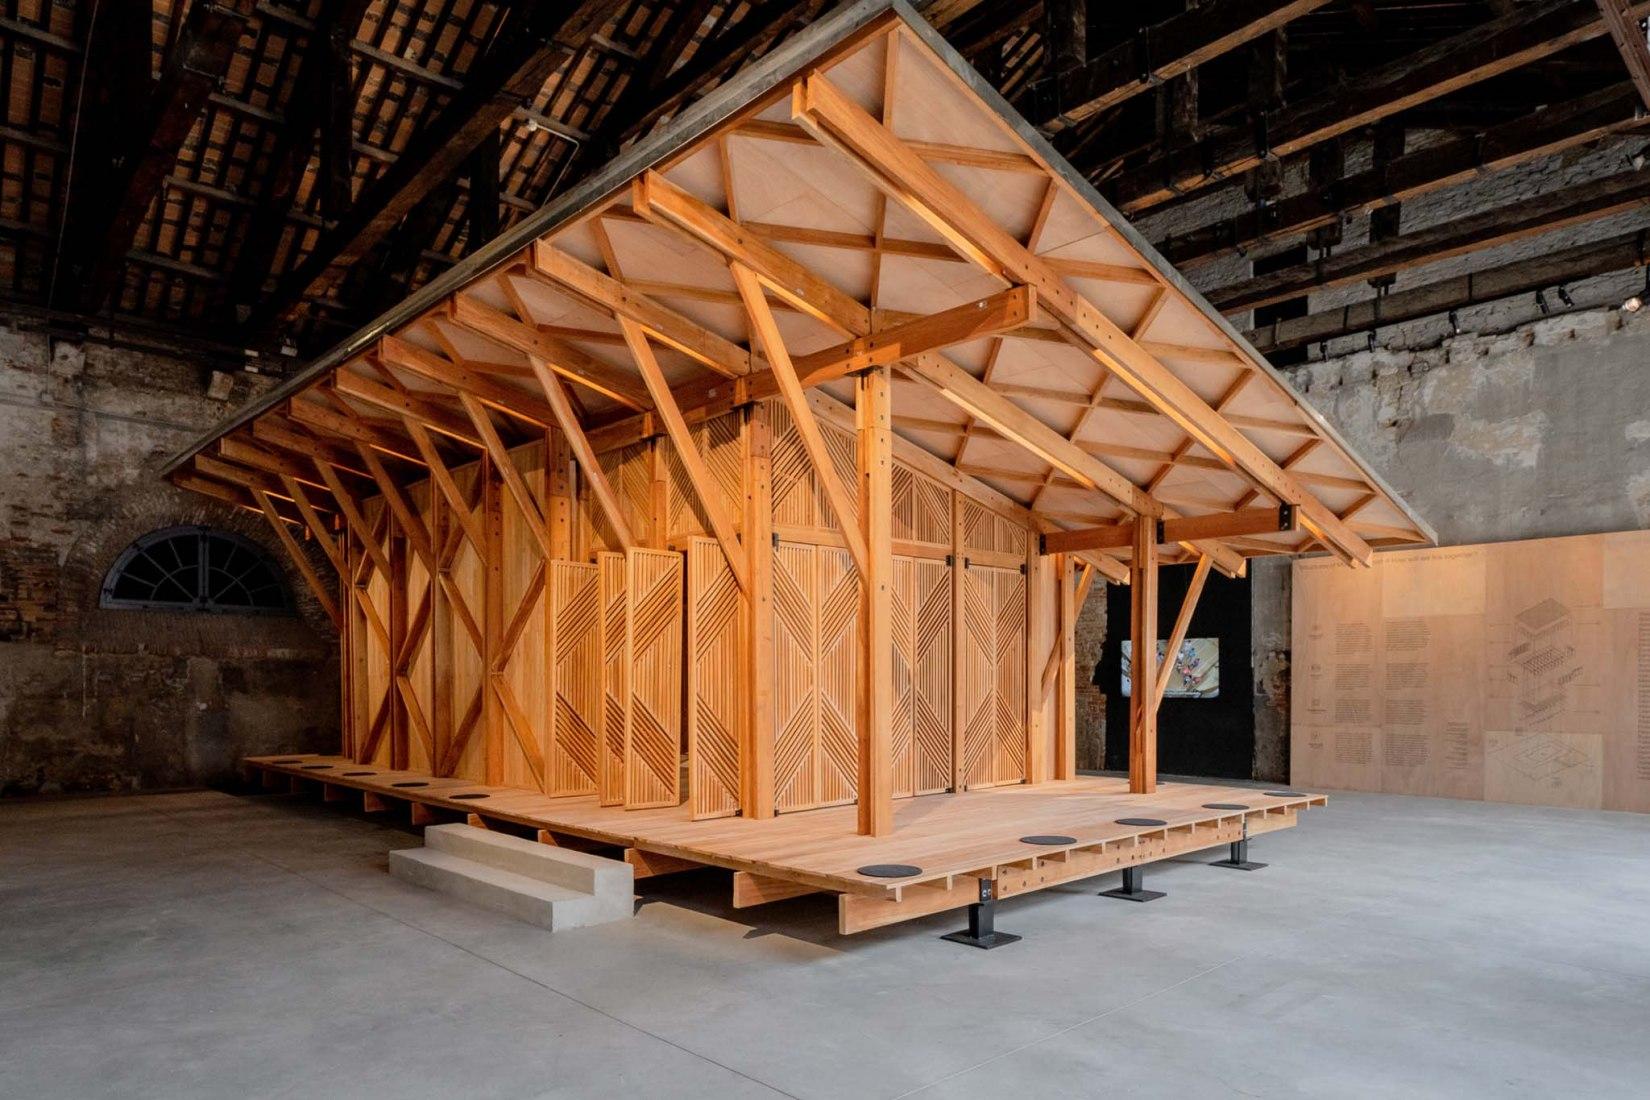 Structures of Mutual Support. Pabellón de Filipinas, XVII Edición de la Exposición Internacional de Arquitectura de La Biennale di Venezia. Fotografía por Andrea Avezzù.